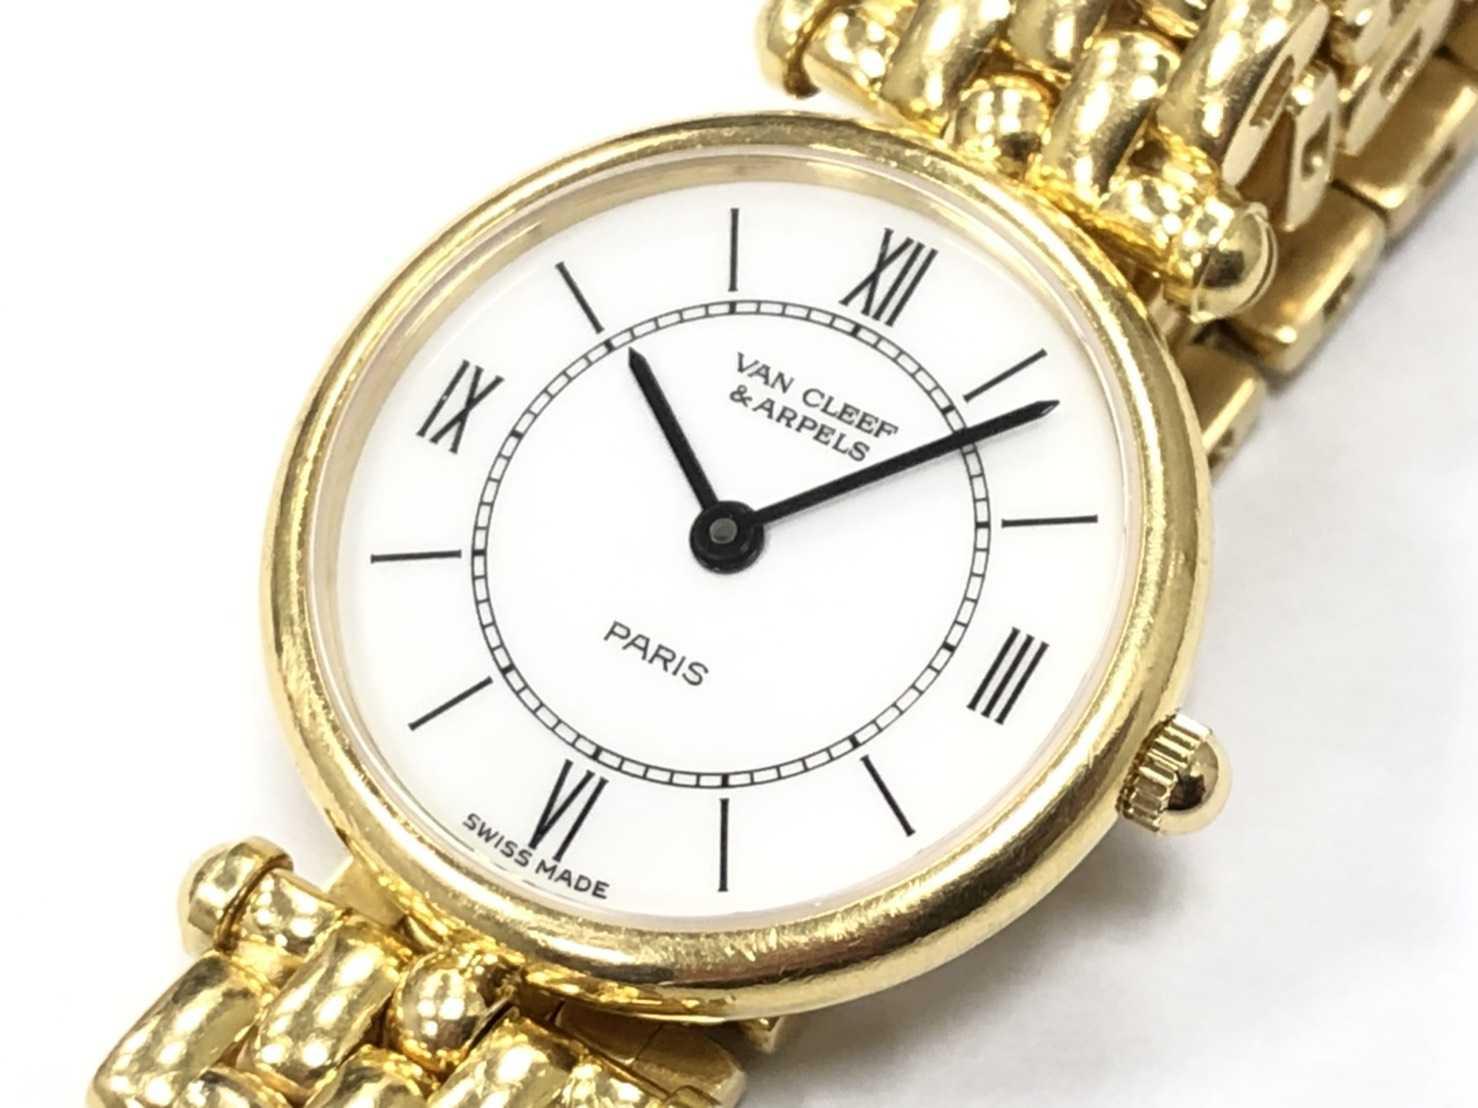 ヴァンクリーフ&アーペル買取 レディース時計